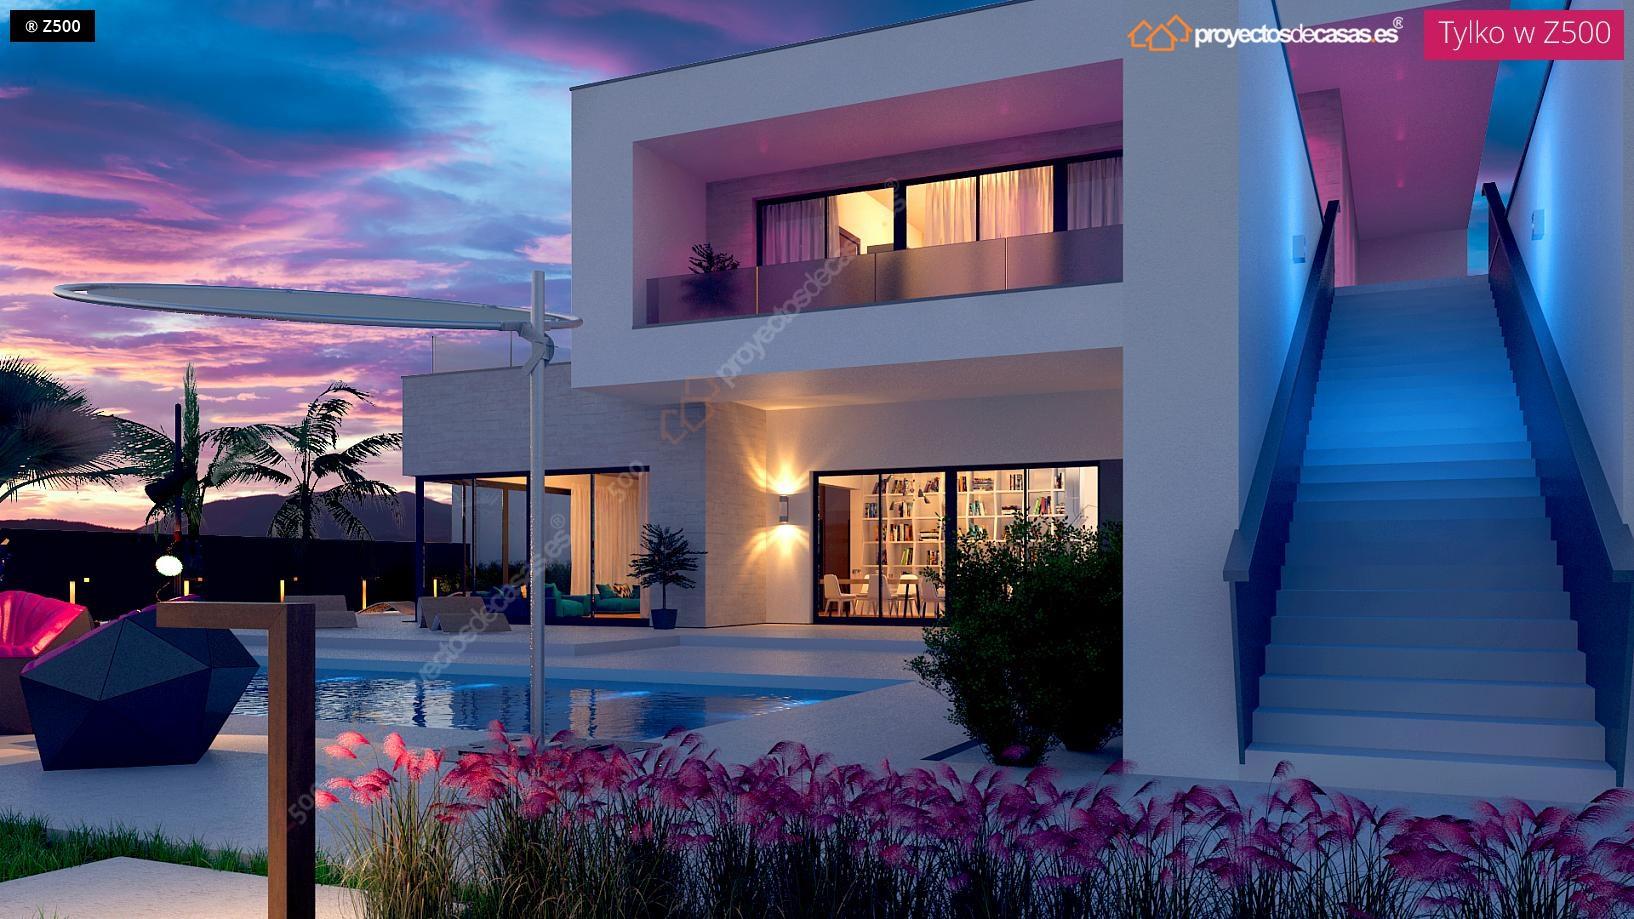 Proyectos de casas casa moderna con piscina for Casa moderna con piscina